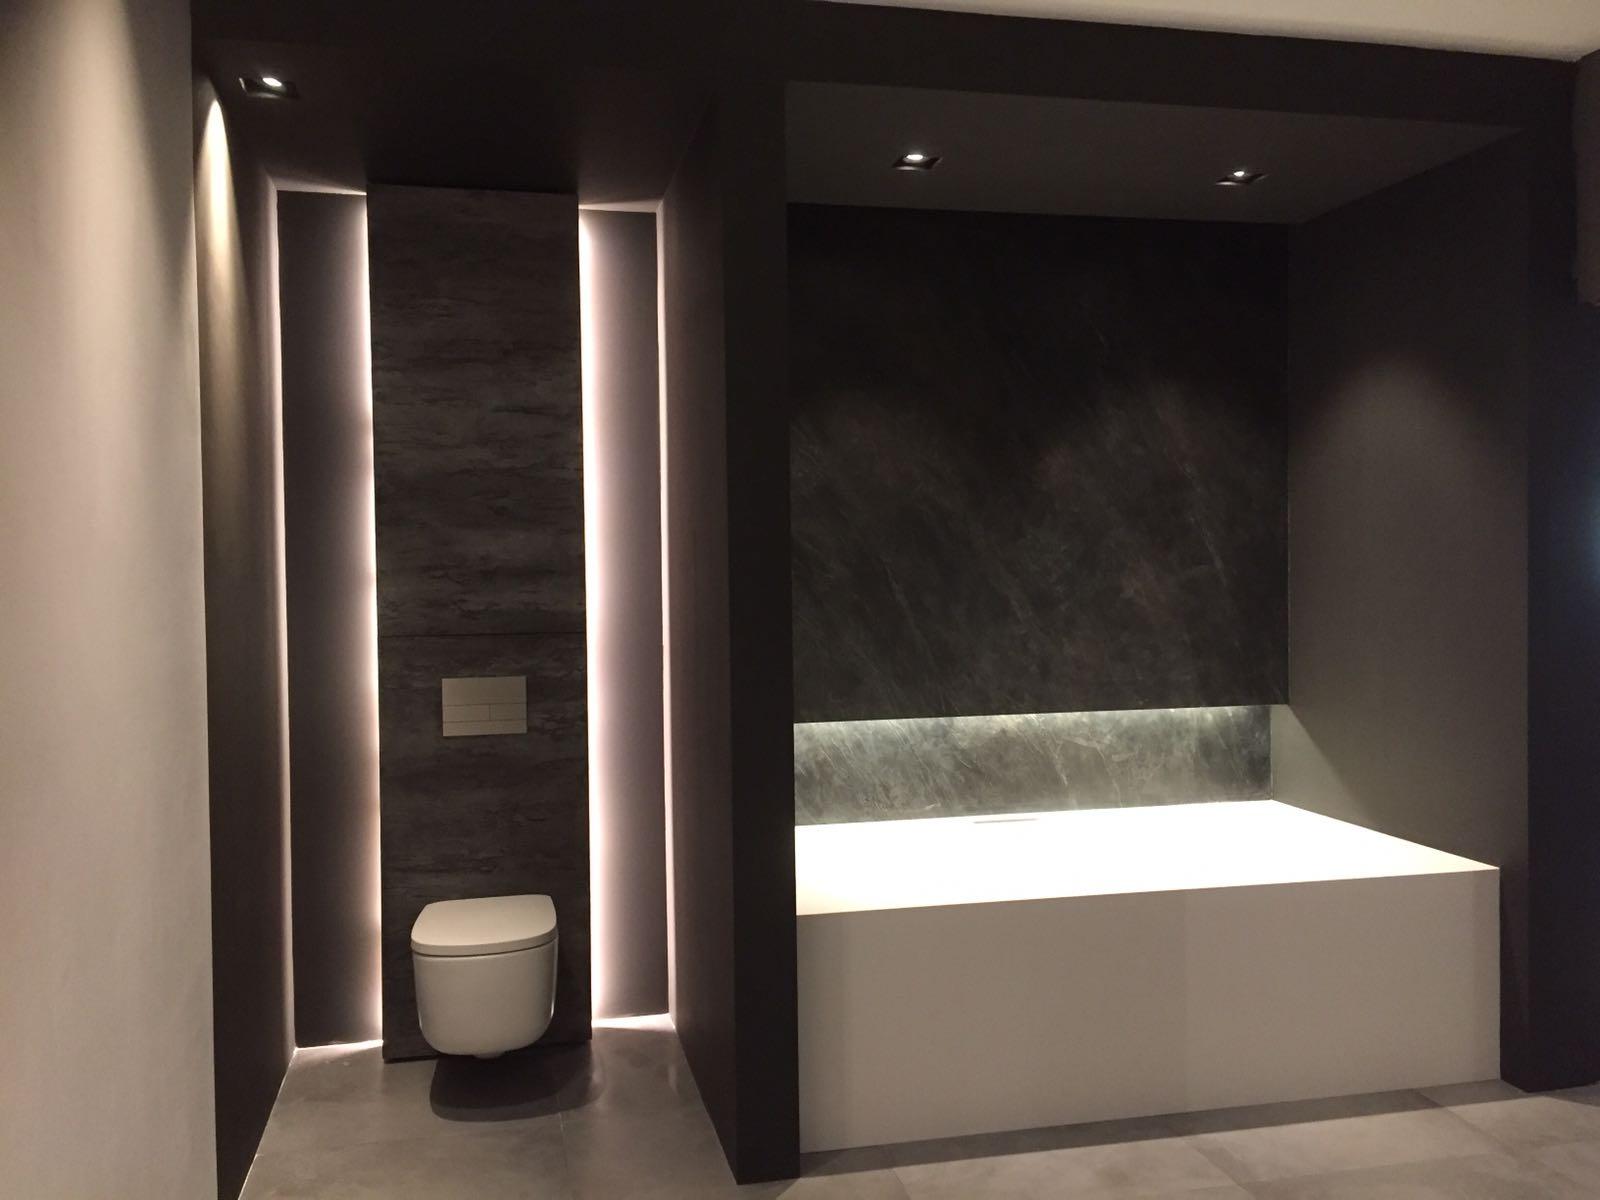 Showroom Badkamer Meubels : Design maatwerk sanitair design maatwerk badkamermeubels